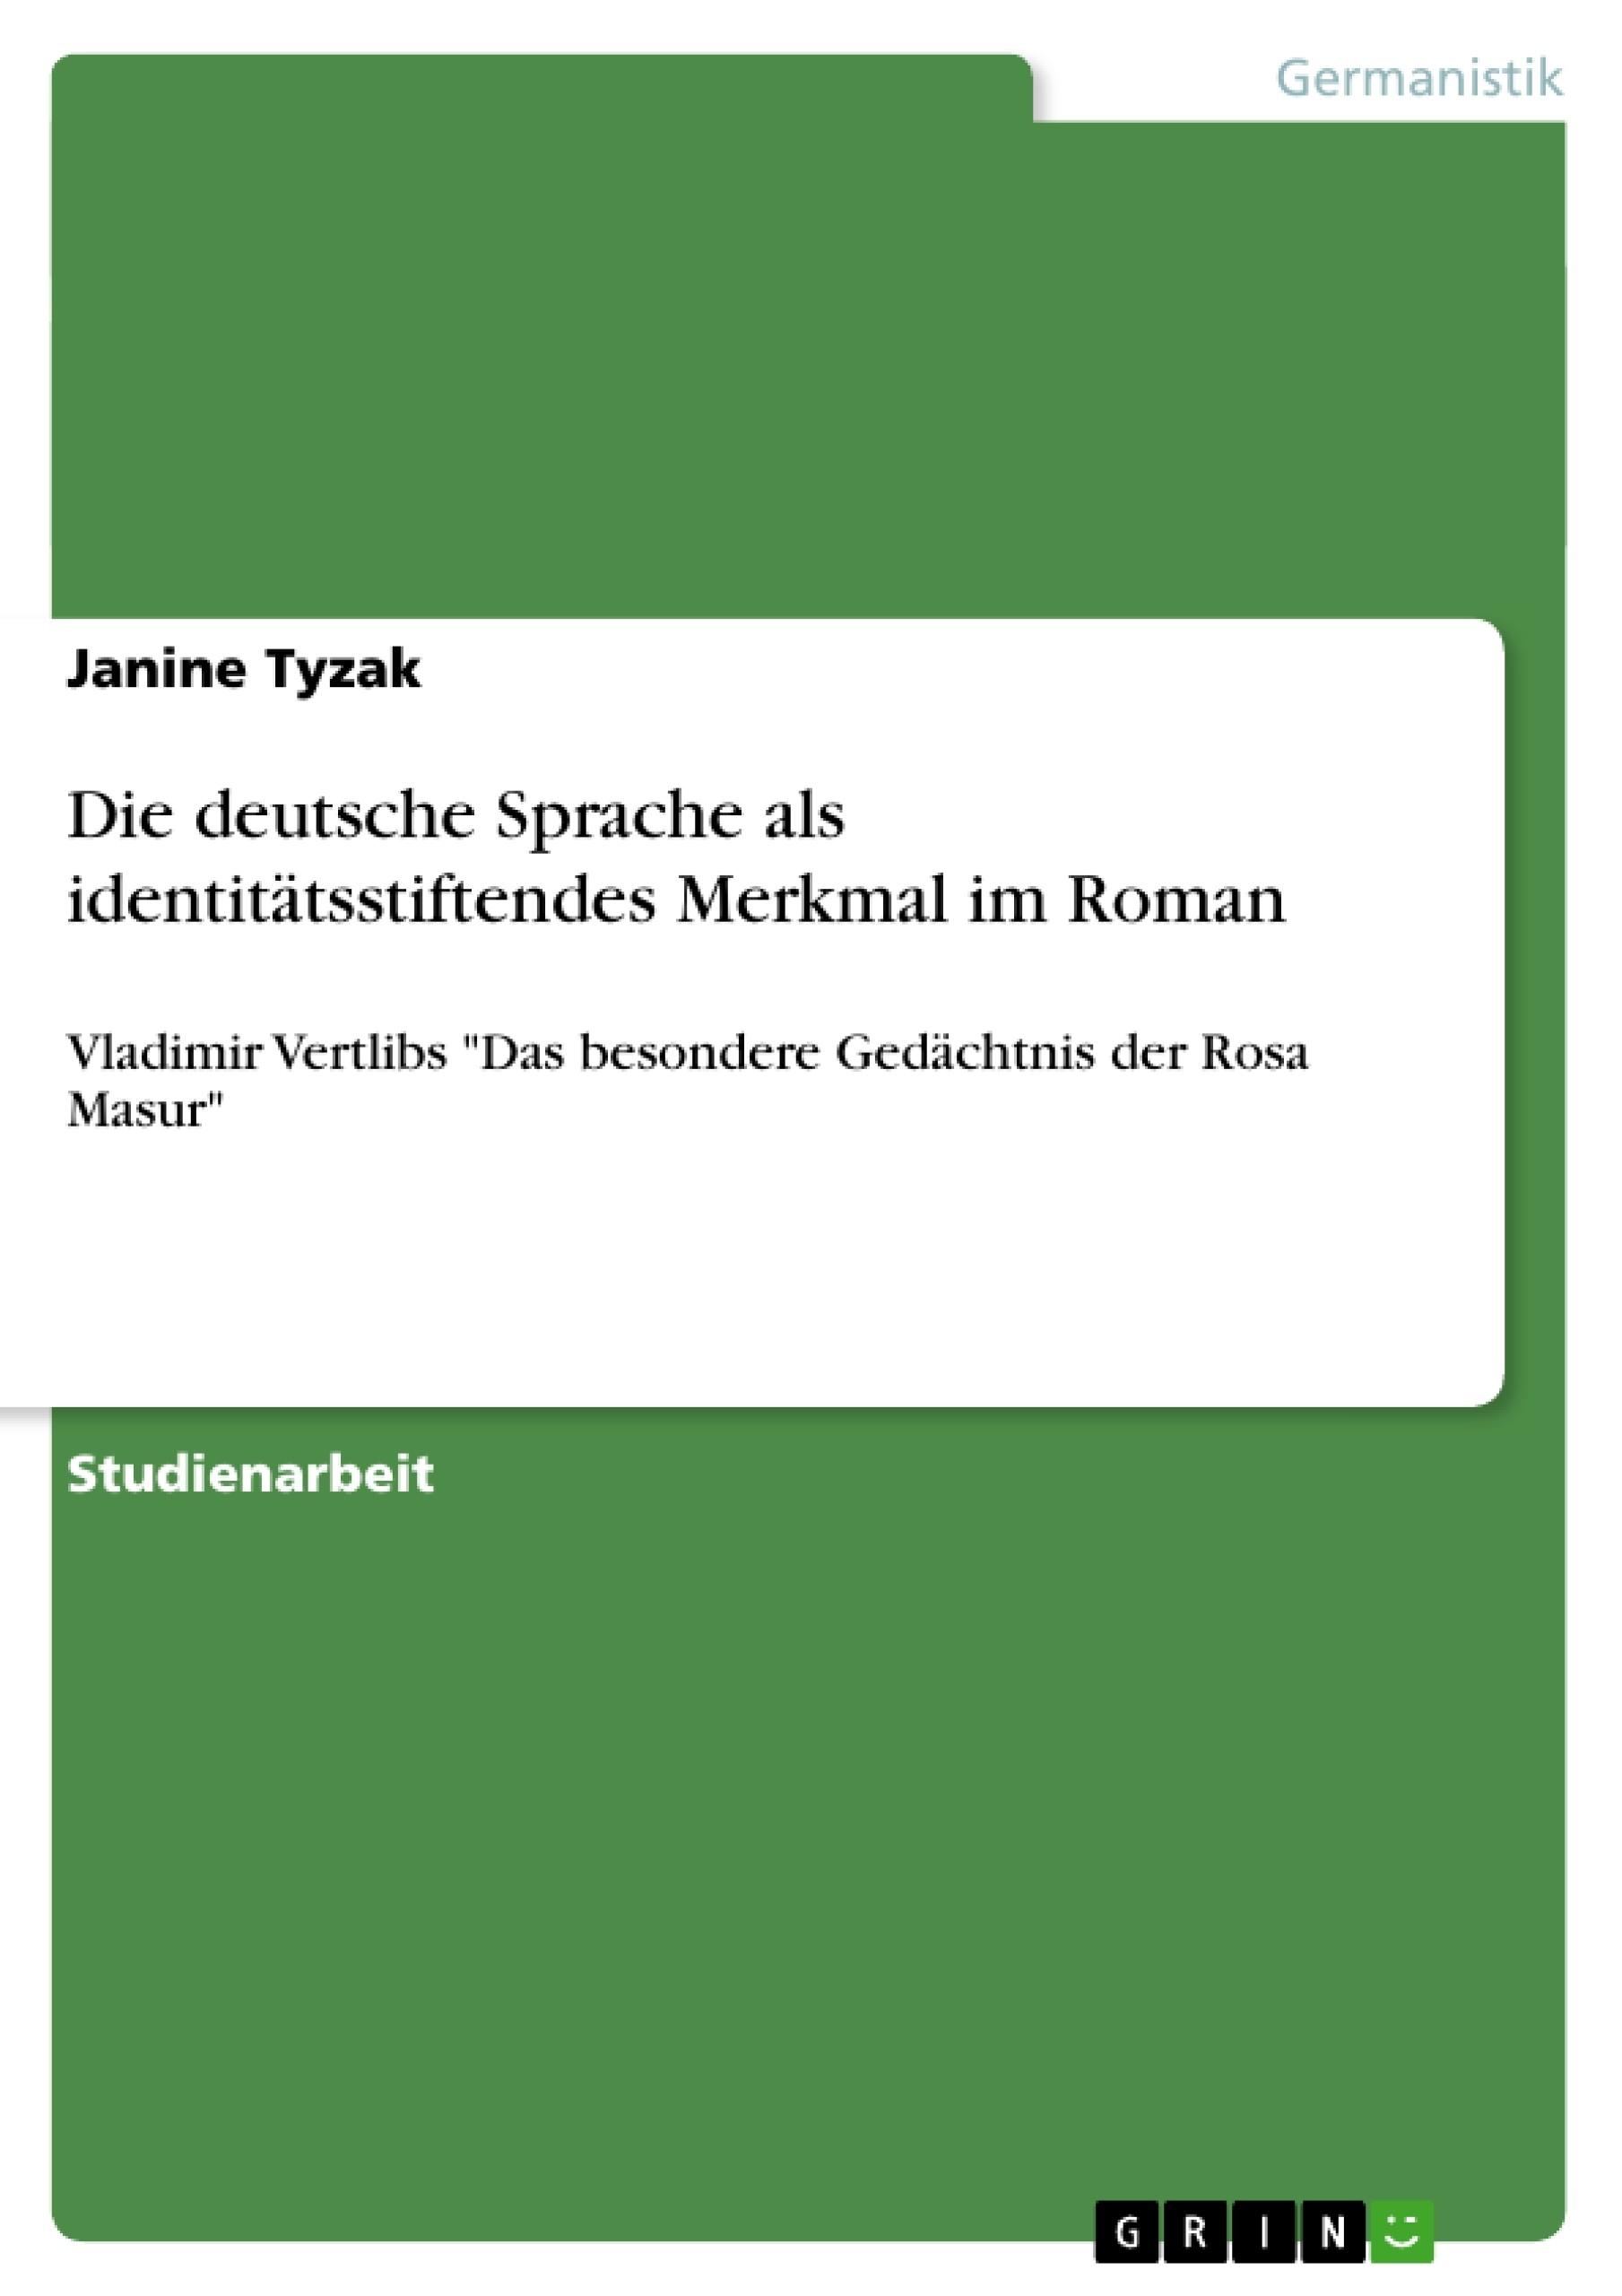 Titel: Die deutsche Sprache als identitätsstiftendes Merkmal im Roman